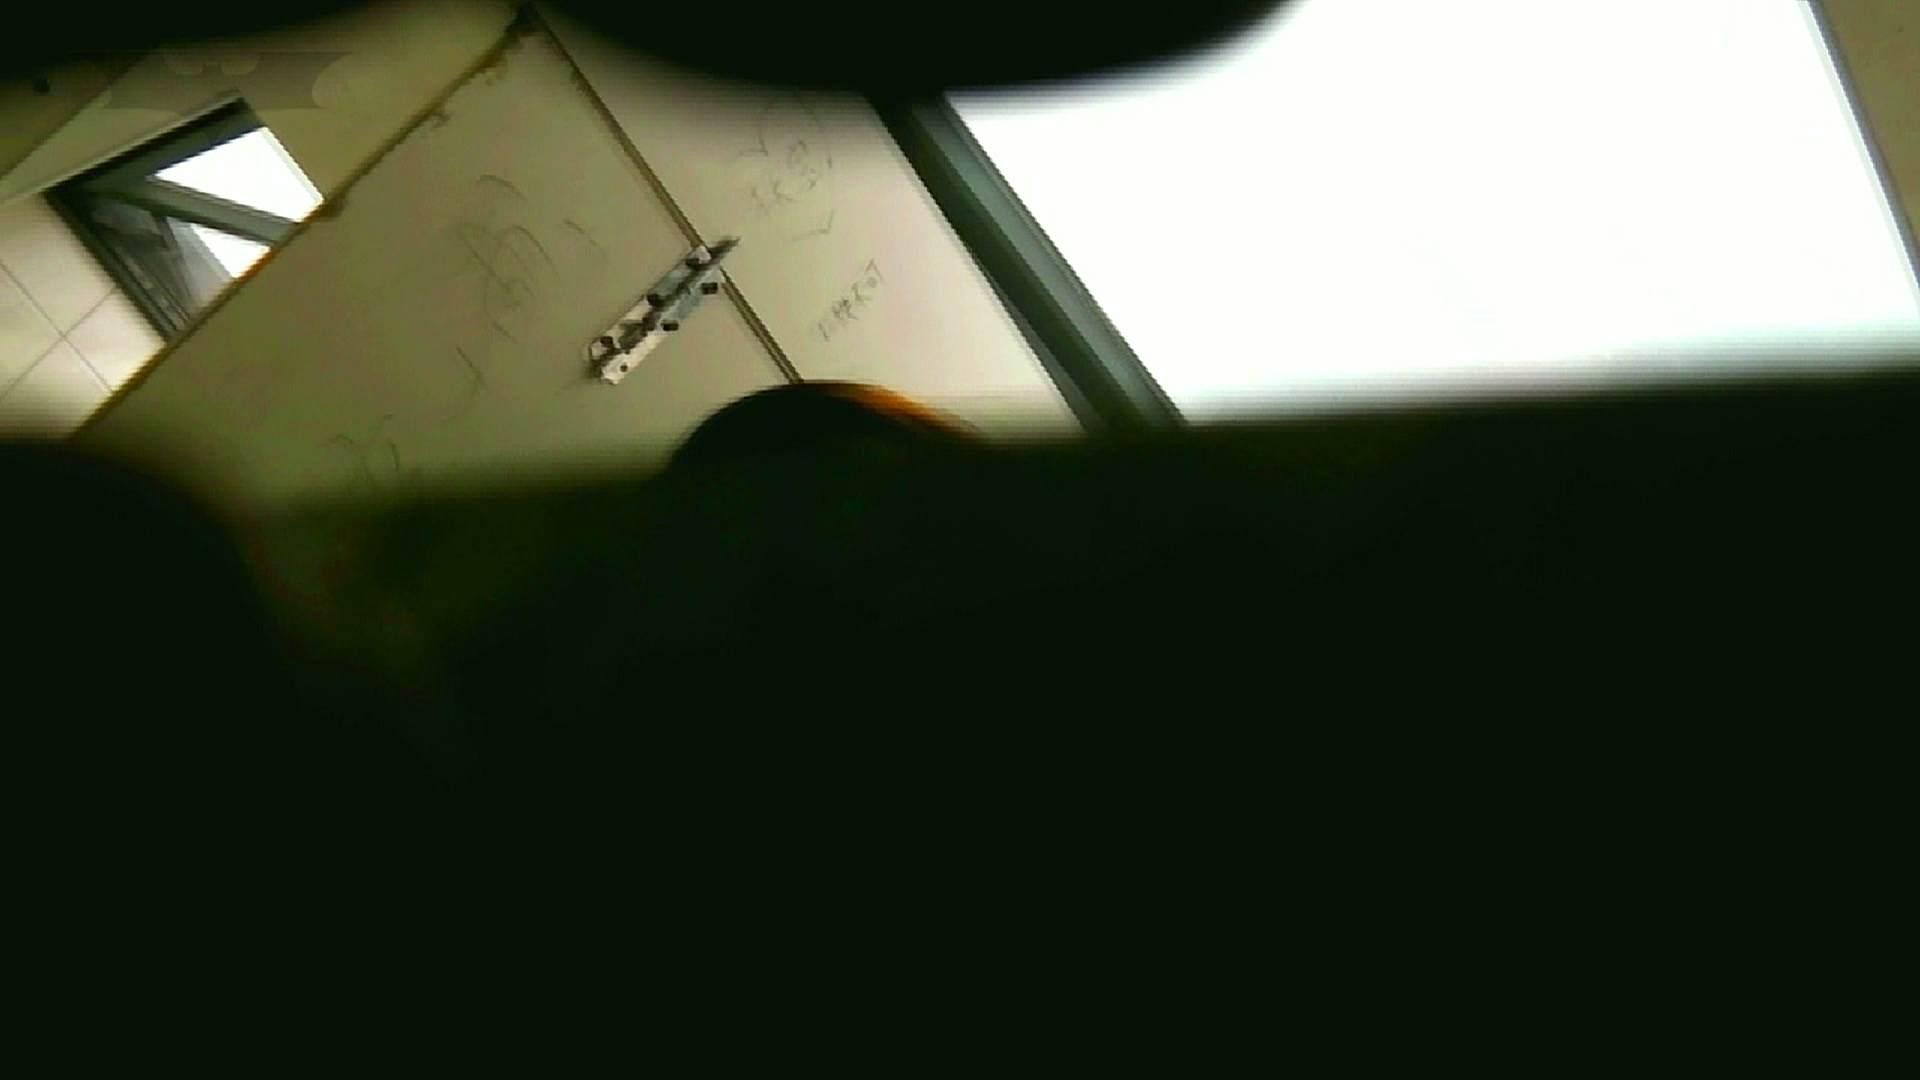 ステーション編 vol.29 頭二つ飛び出る180cm長身モデル お姉さん攻略  67画像 15